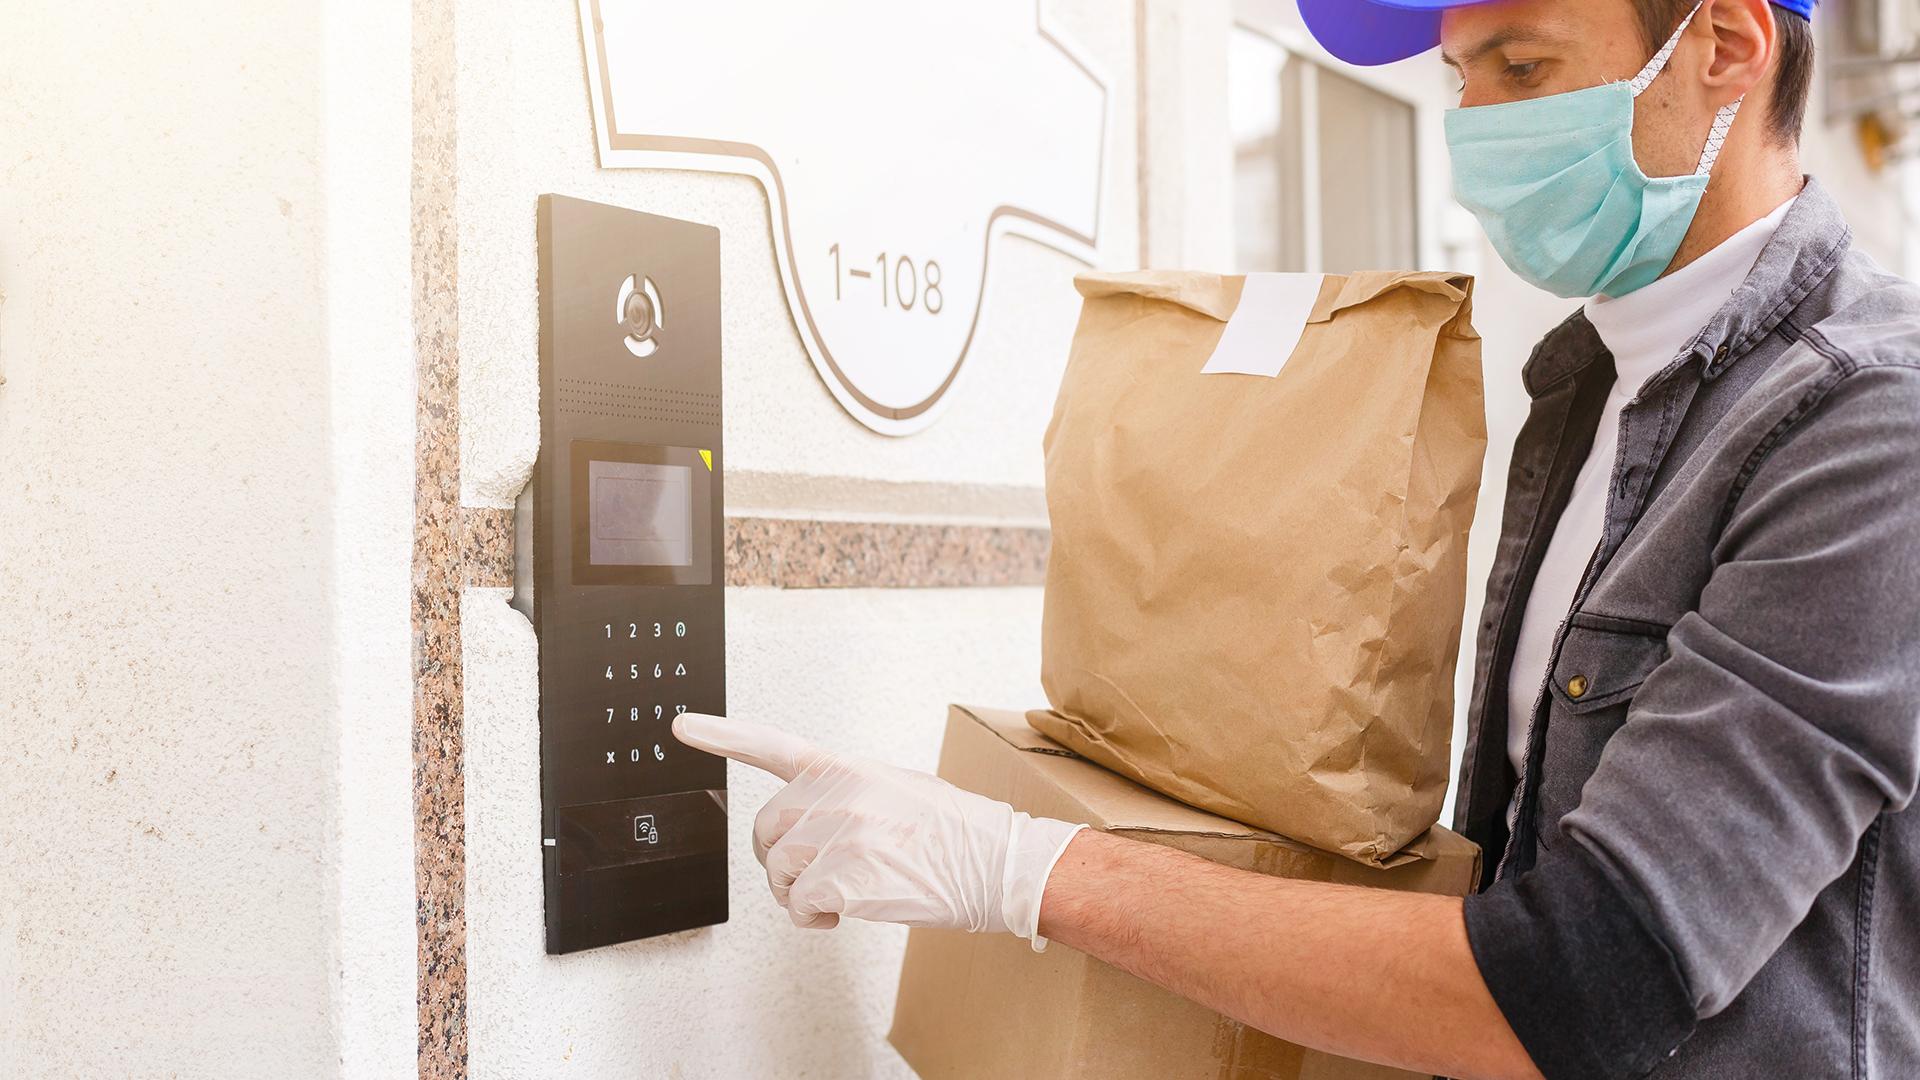 Com cardápio digital exclusivo, o restaurante evita gastos com plataformas de pagamento e pode reforçar as entregas sem contato.